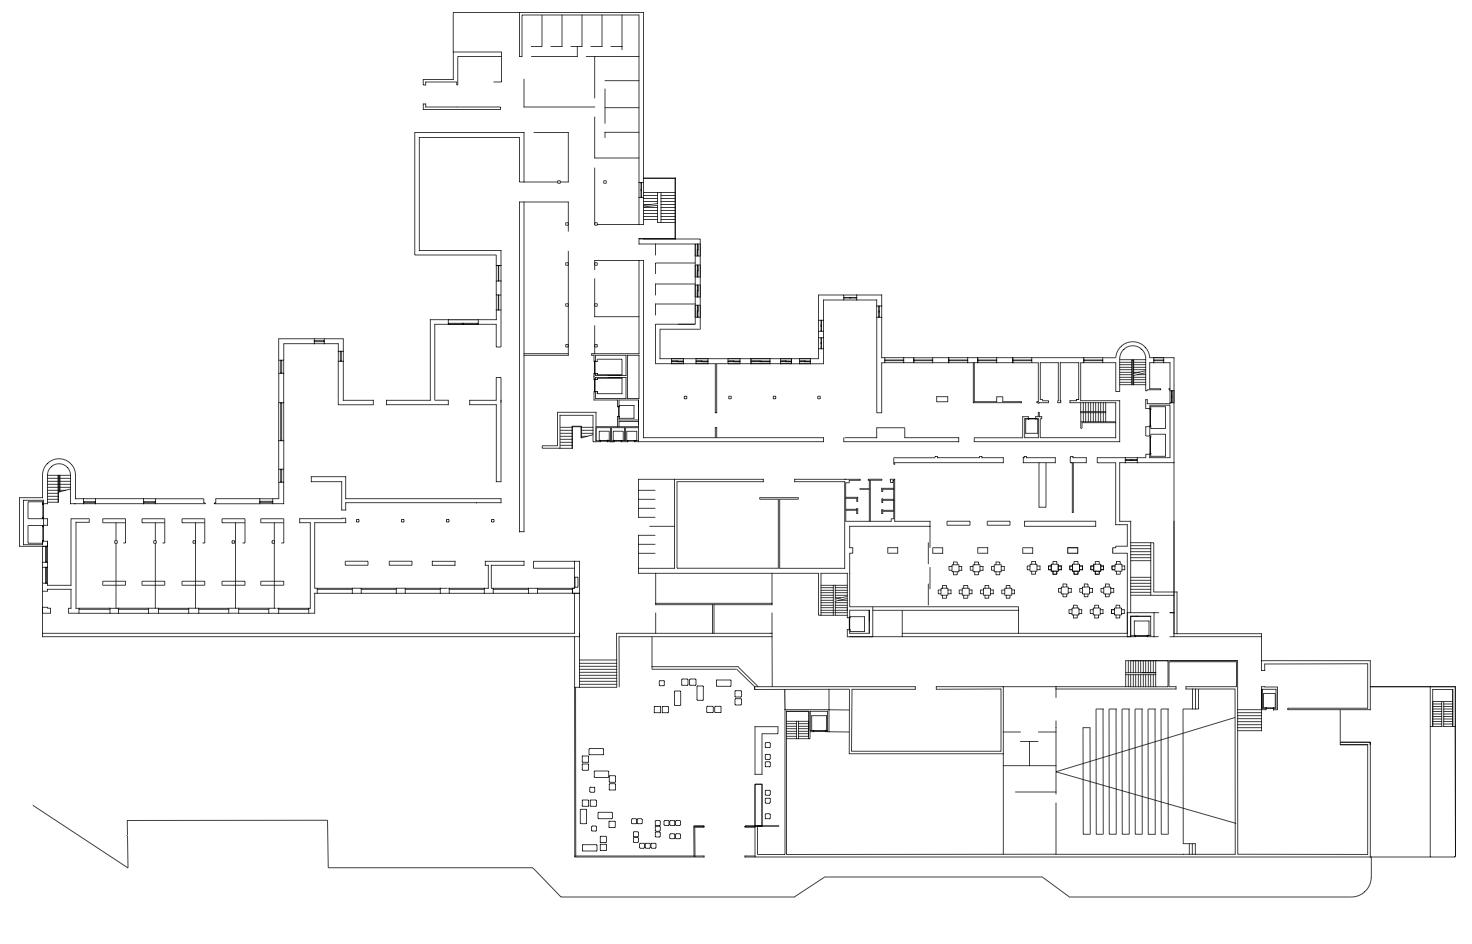 Proyecto de ampliación de un hospital   Imagen de proyecto4